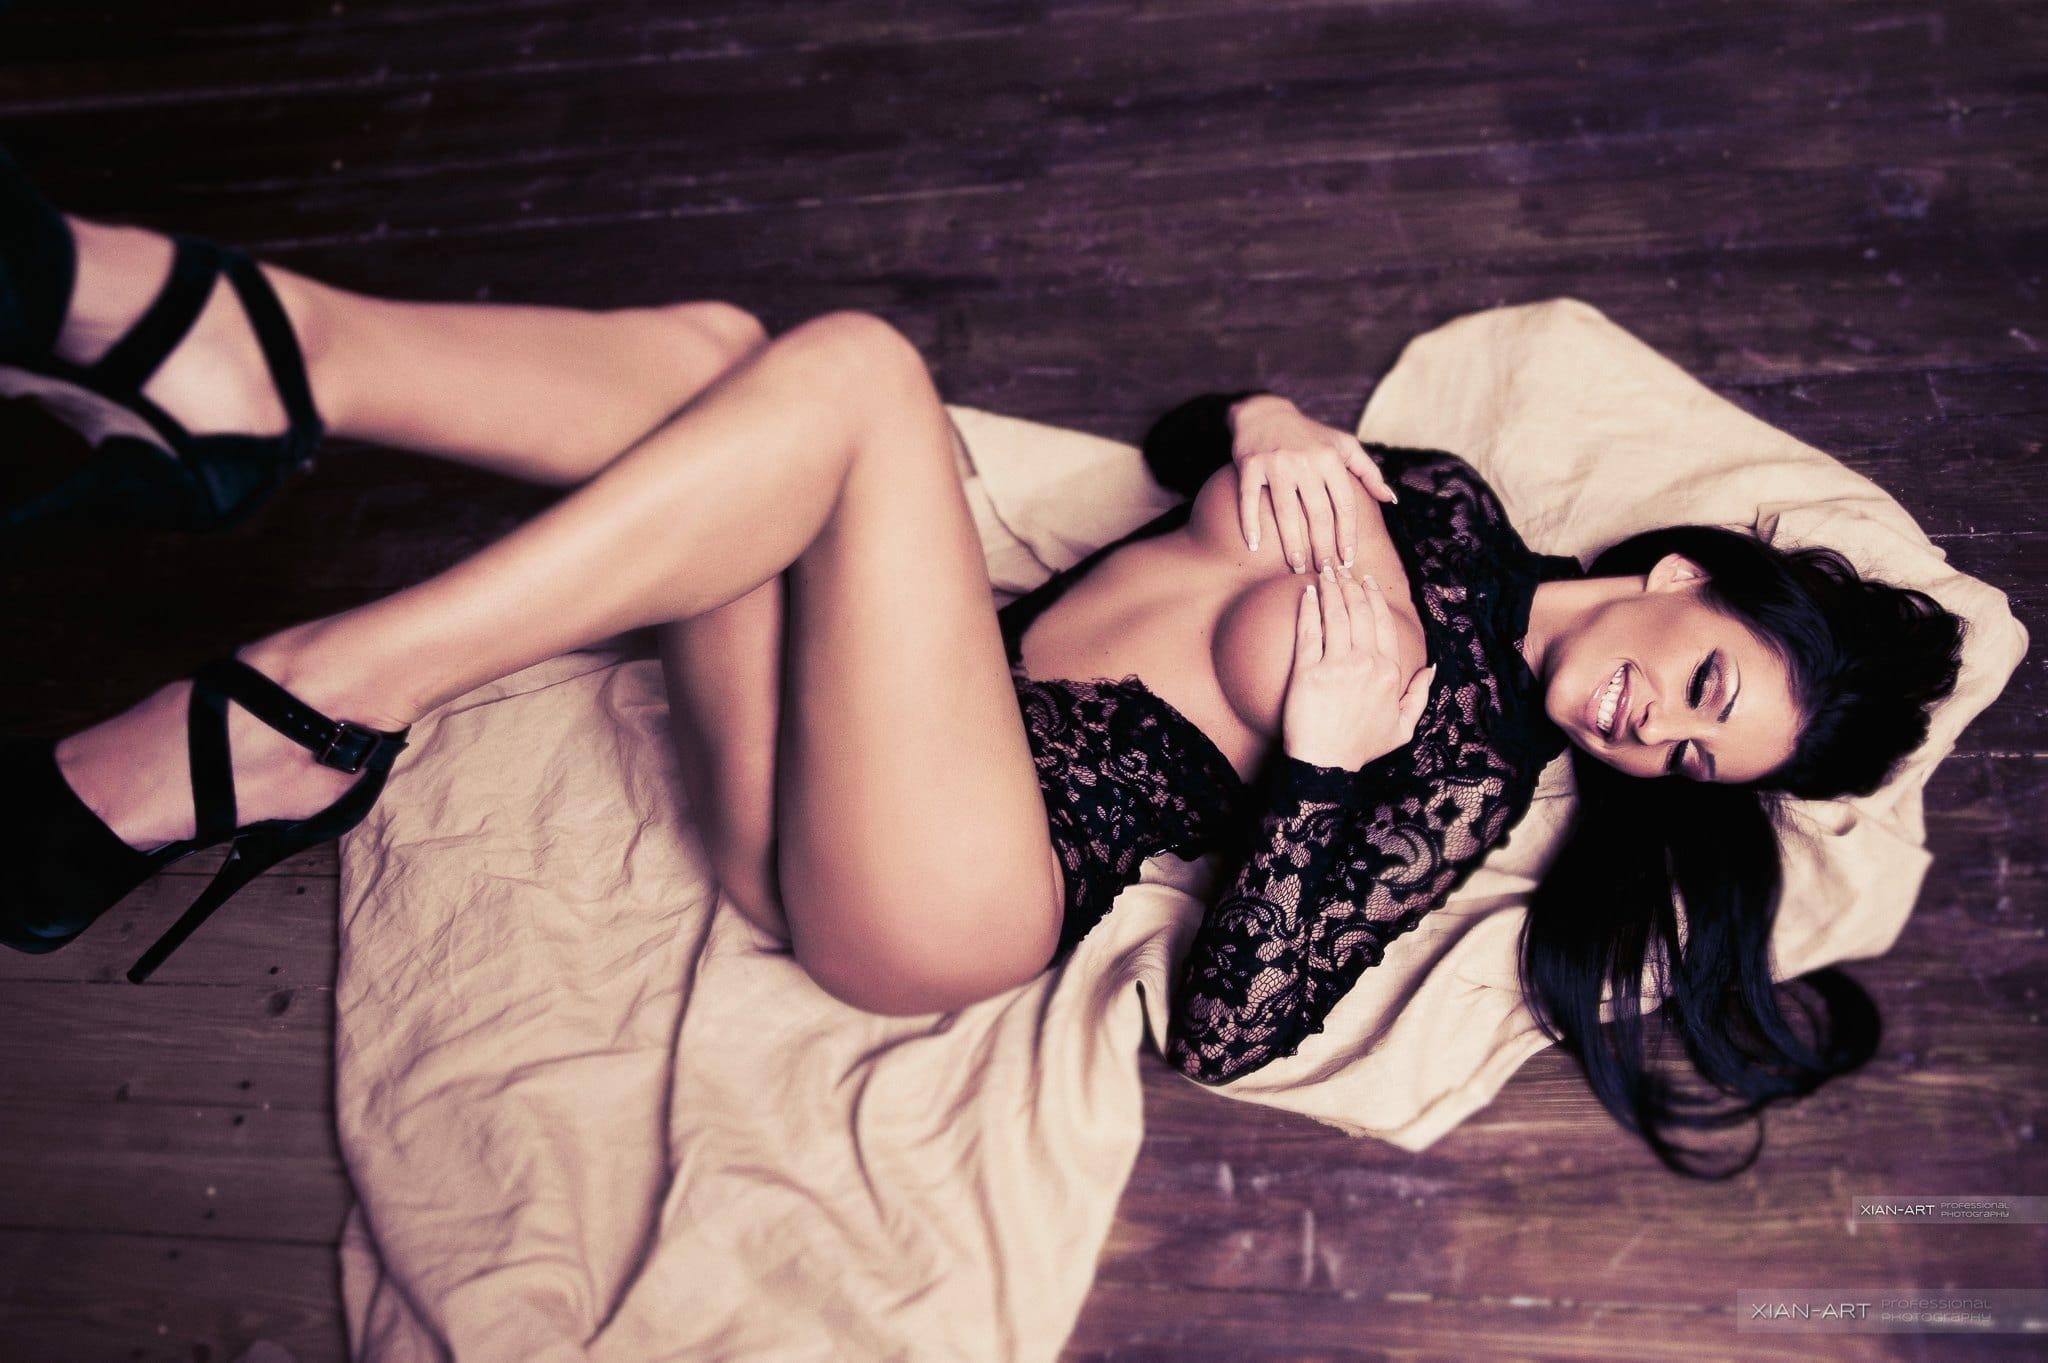 erotik dortmund fussfetisch bilder